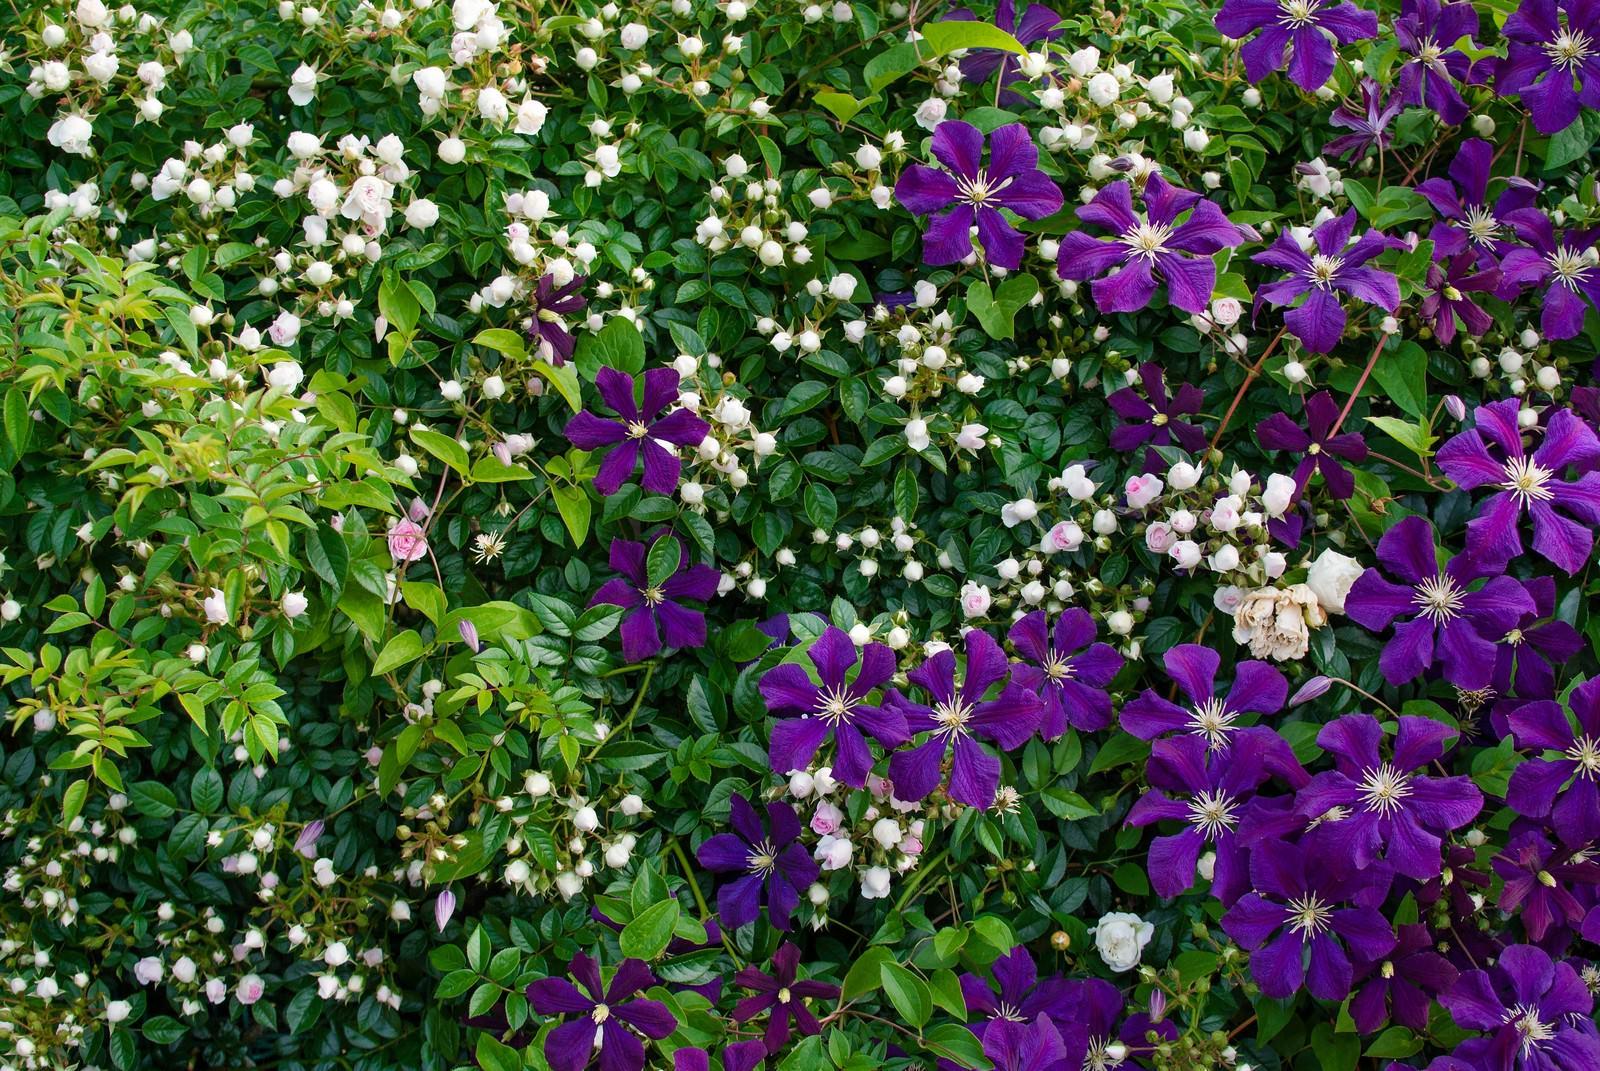 「バラと紫のクレマチス」の写真